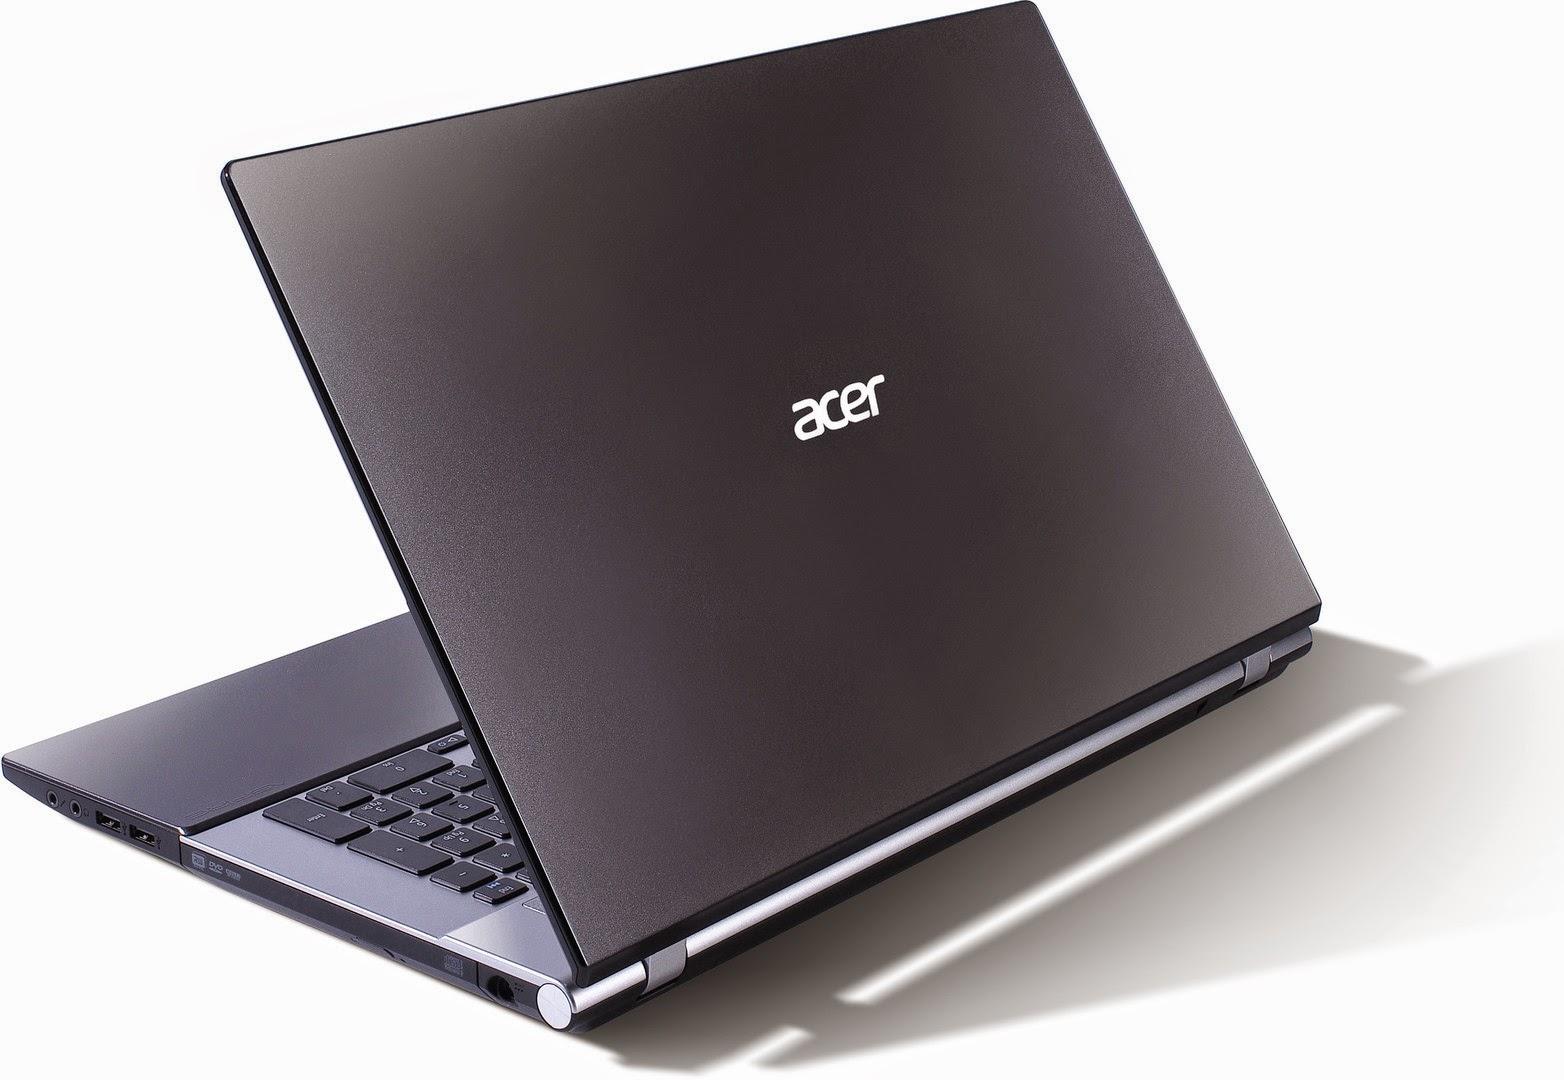 Harga Laptop Acer Terbaru Desember 2014